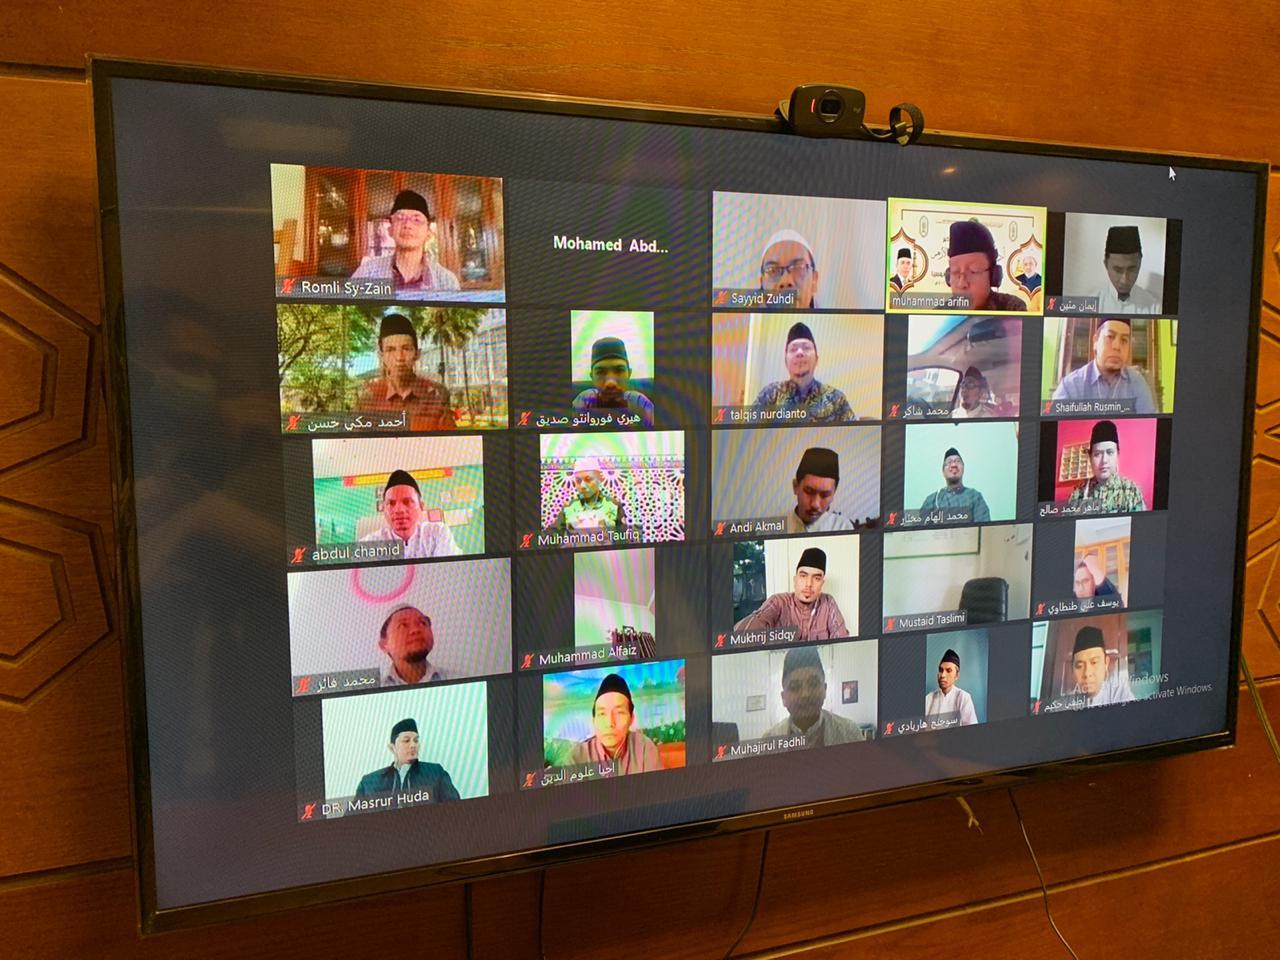 """التوظيف السياسي للدين"""" محاضرة لأئمة إندونيسيا عبر الفيديوكونفرانس"""